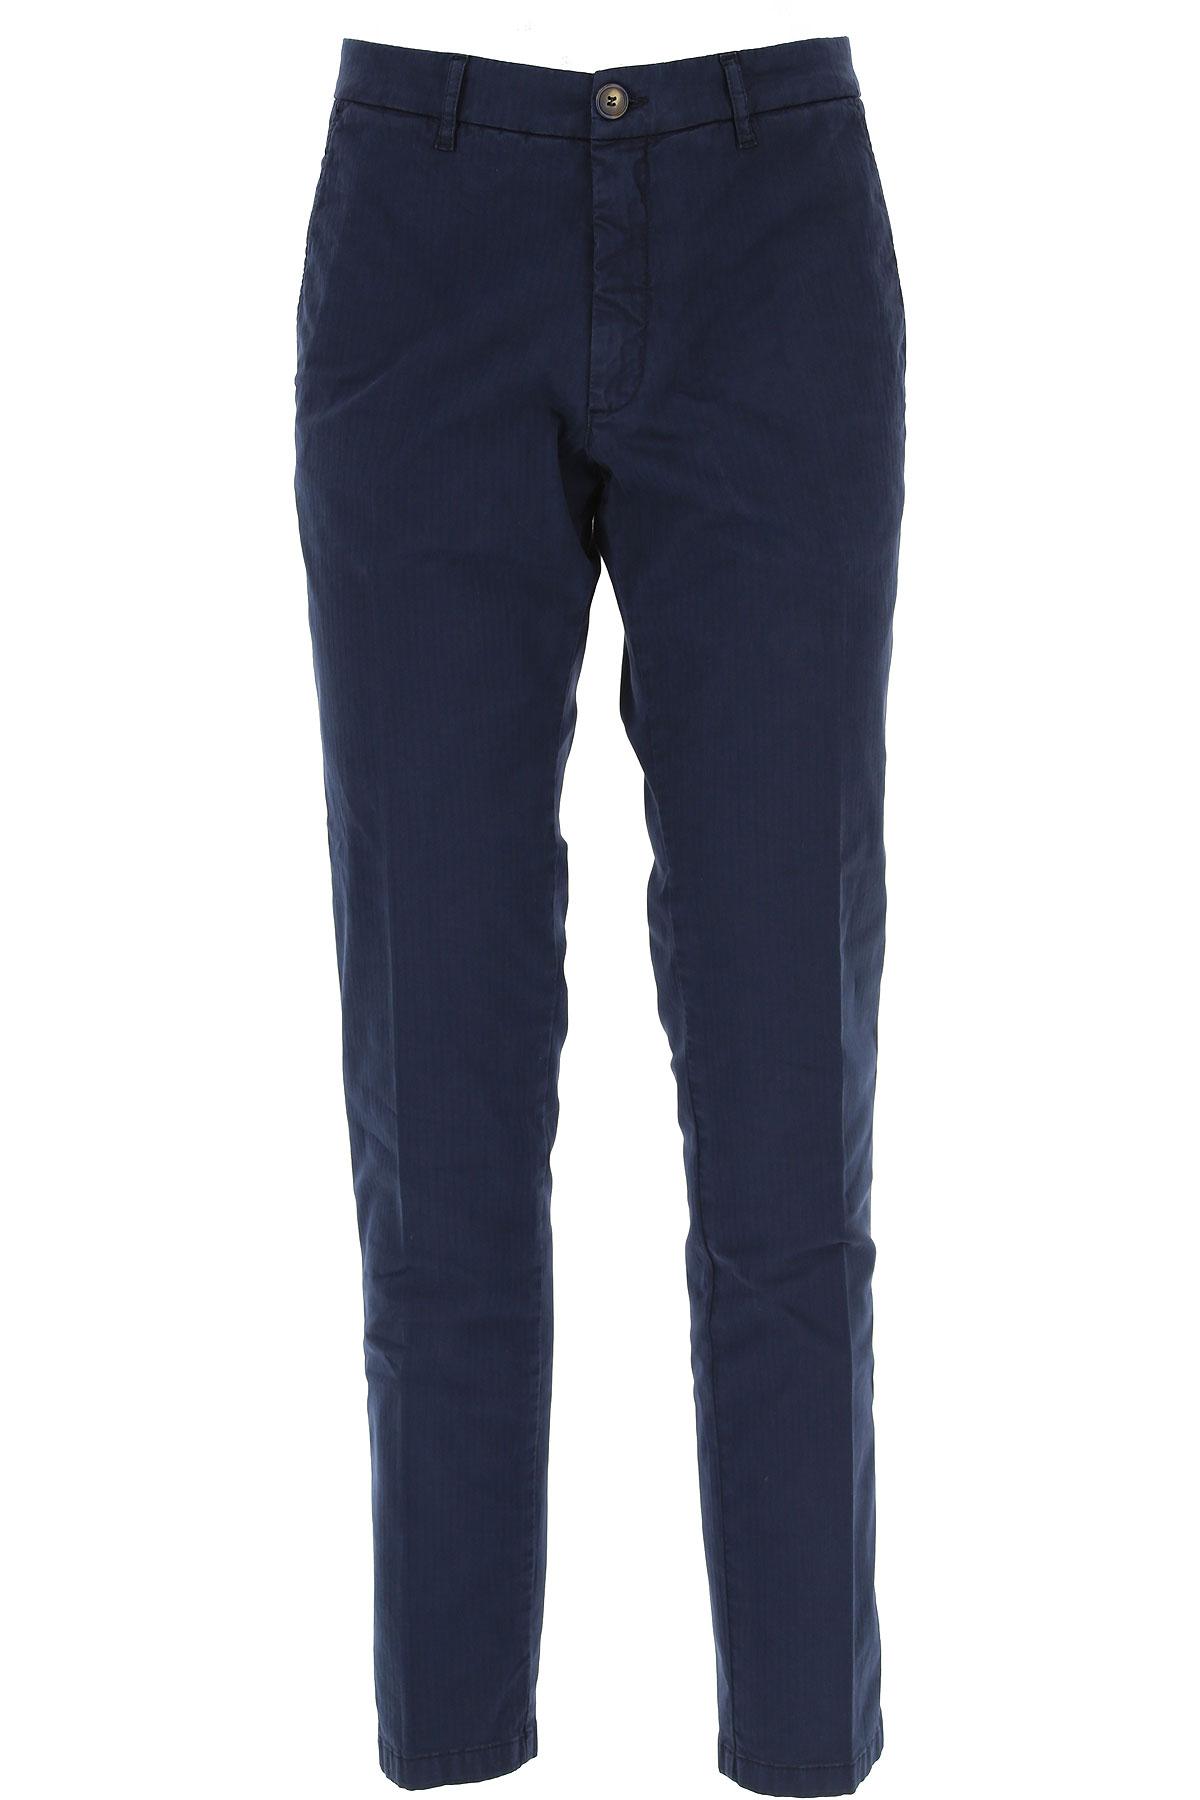 J.W. Brine Pantalon Homme Pas cher en Soldes, Bleu marine, Coton, 2019, 46 48 50 52 56 58